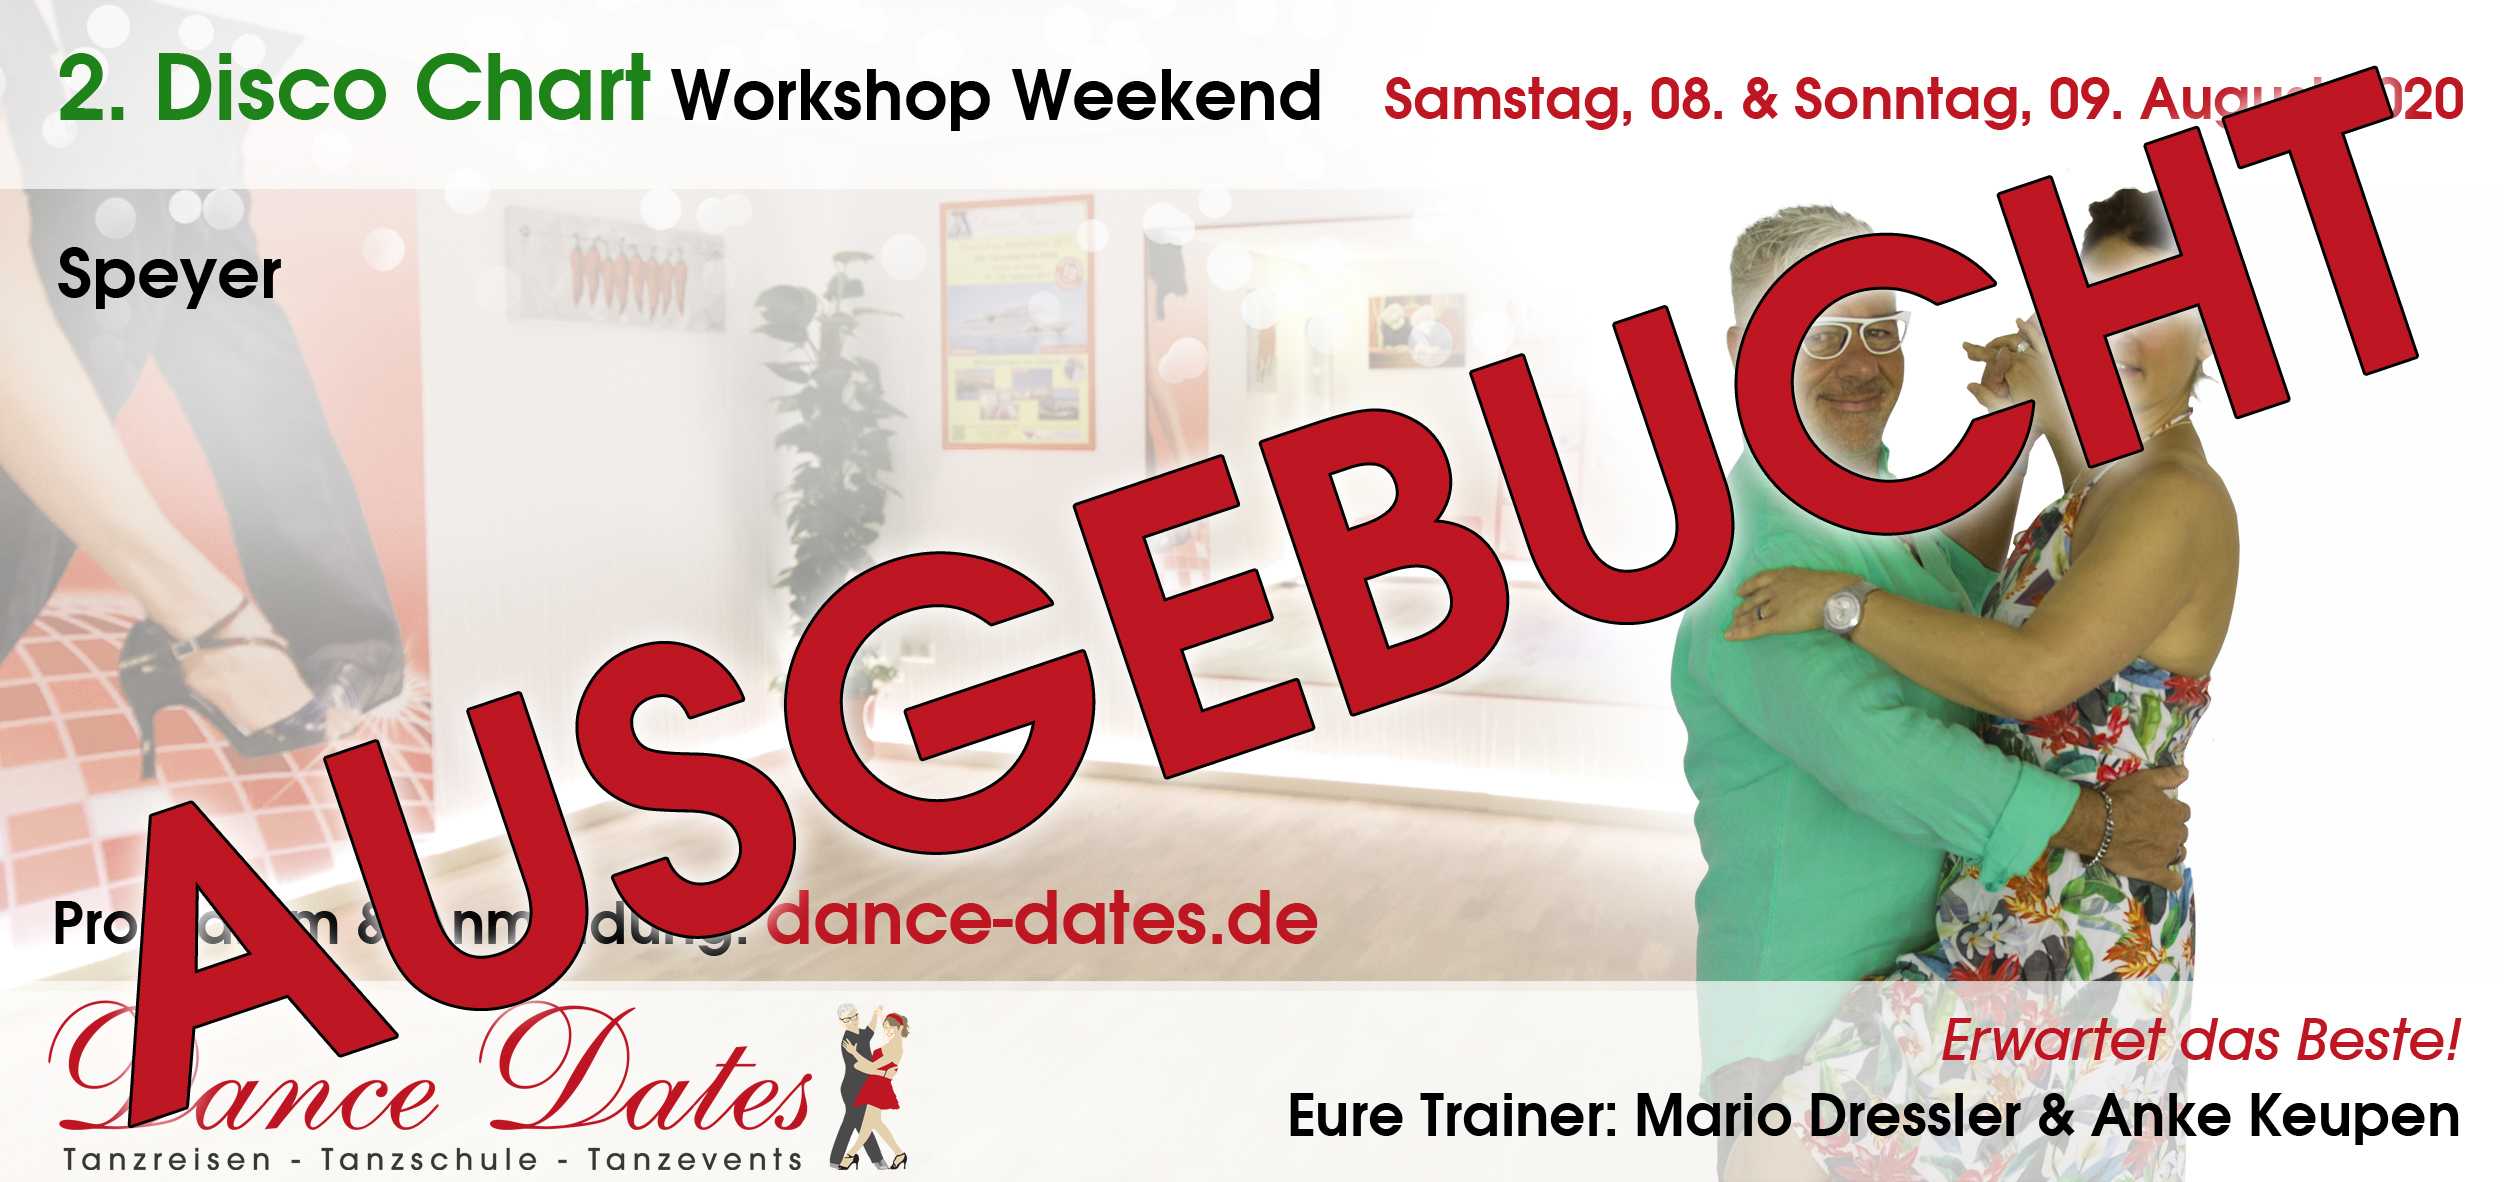 Zweites Disco Chart Workshop Weekend 2020 in Speyer